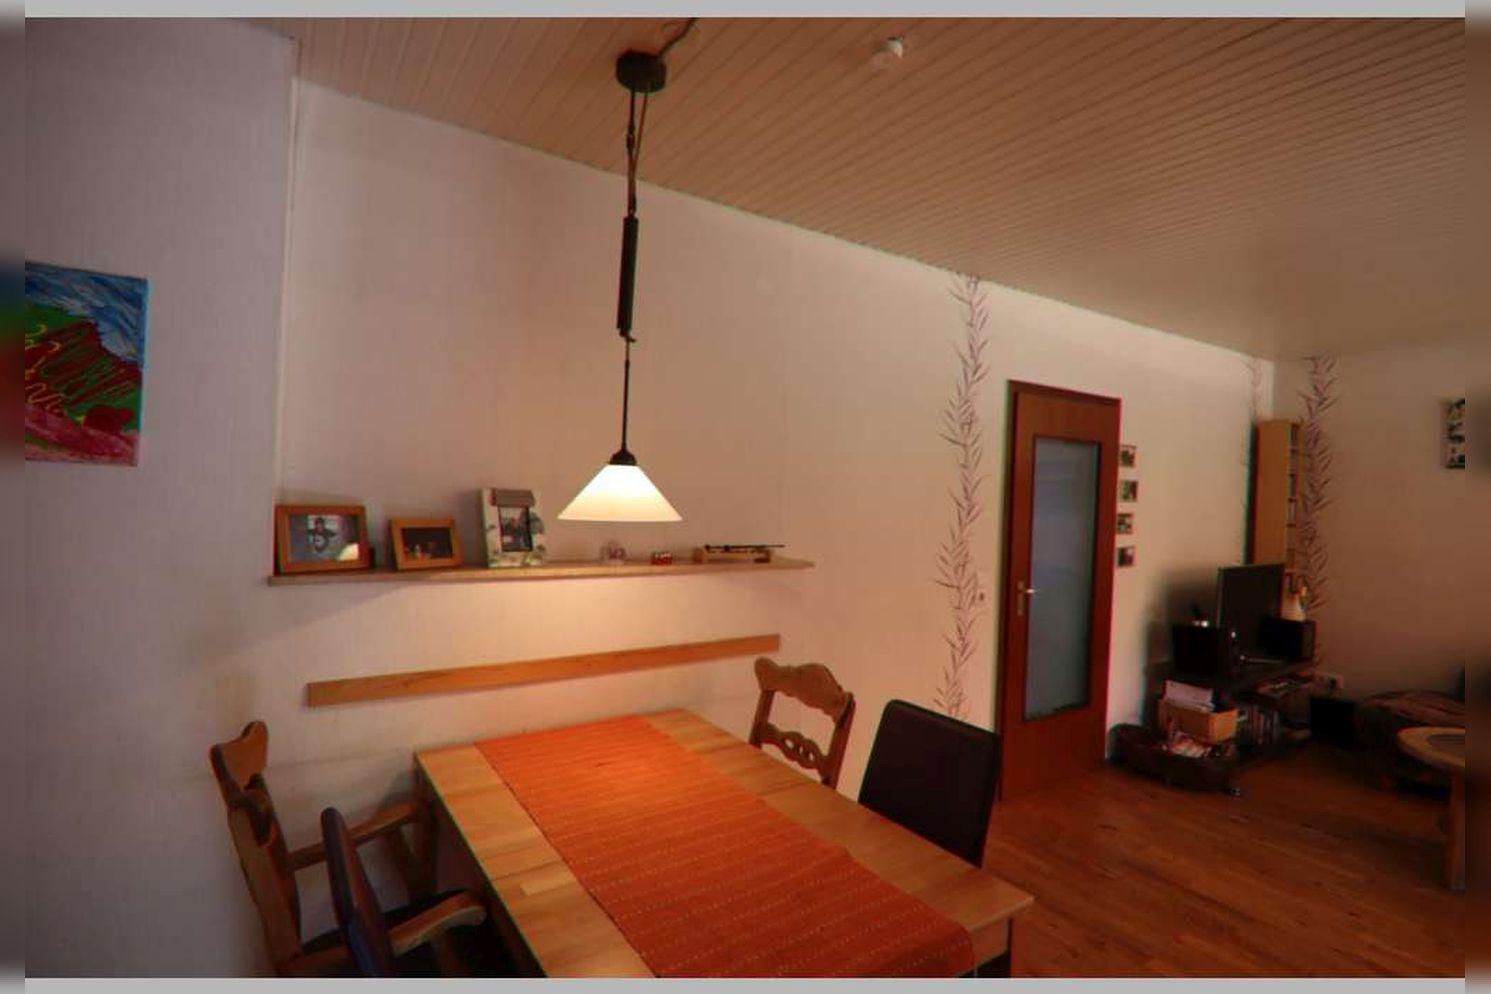 Immobilie Nr.0268 - Reihenmittelhaus mit 4 Zimmern, Küche, Diele, Badezimmer, Gäste-WC, Garten, Garage und Stellplätzen - Bild 11.jpg